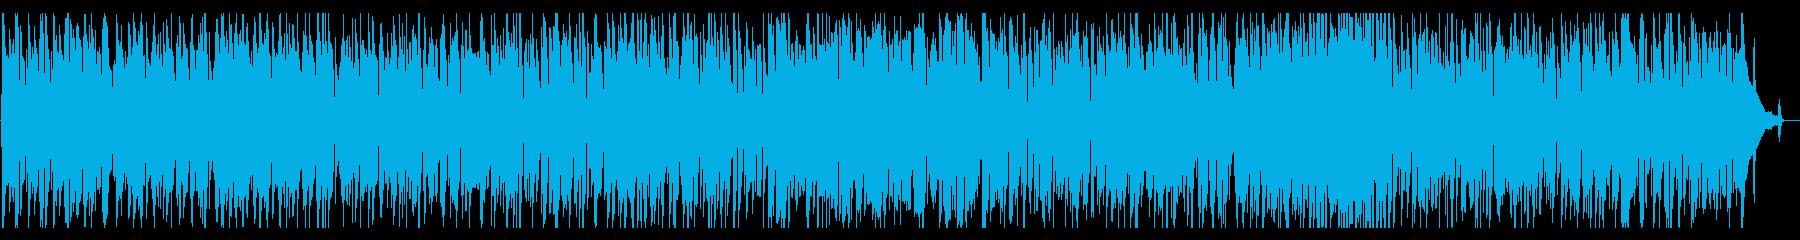 オシャレで落ち着いたジャズの再生済みの波形